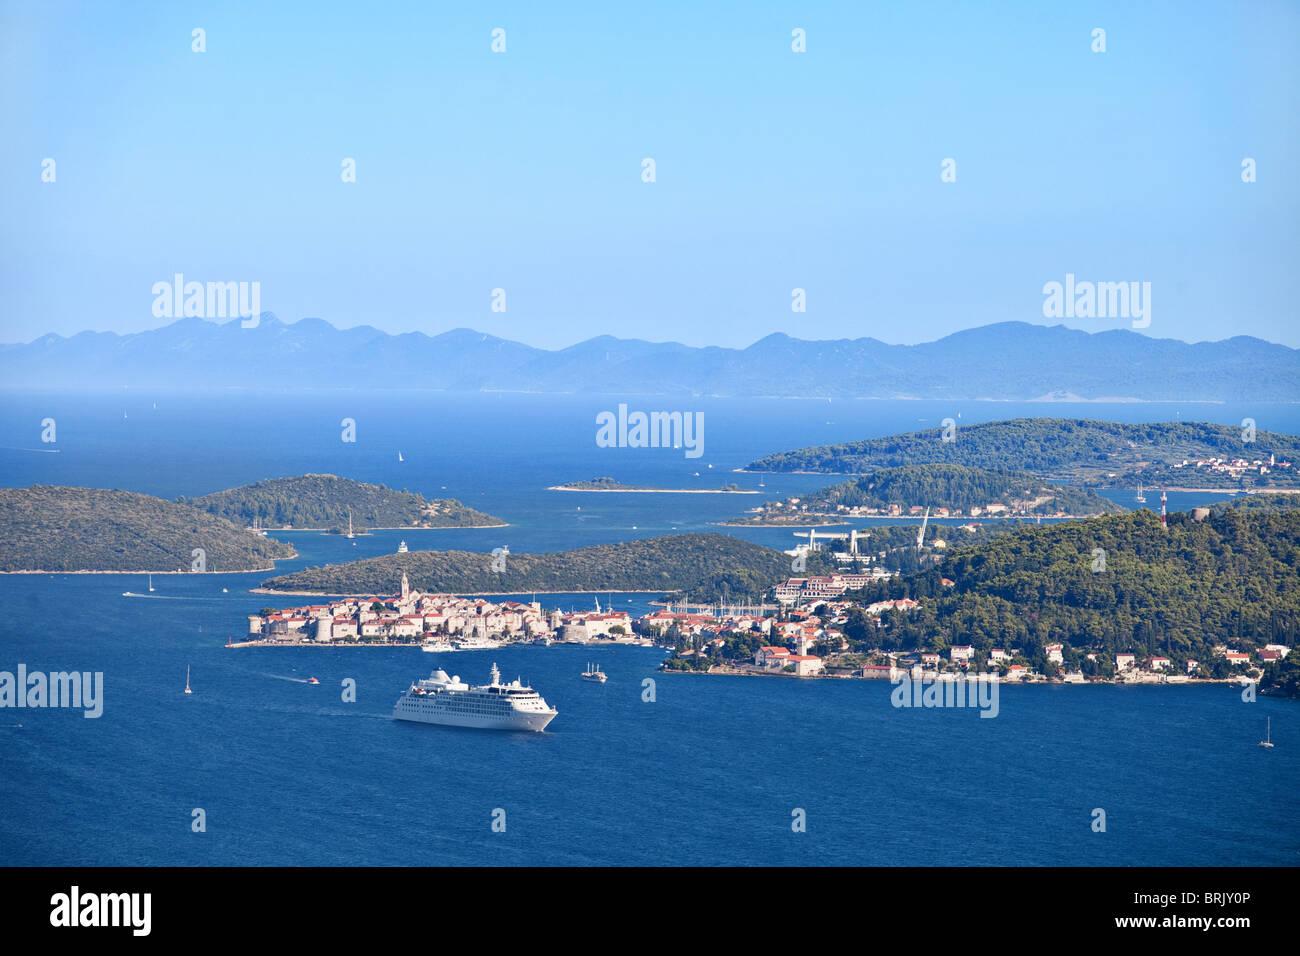 Aerial view of Korcula, Peljesac peninsula, Dalmatian coast, Croatia. - Stock Image